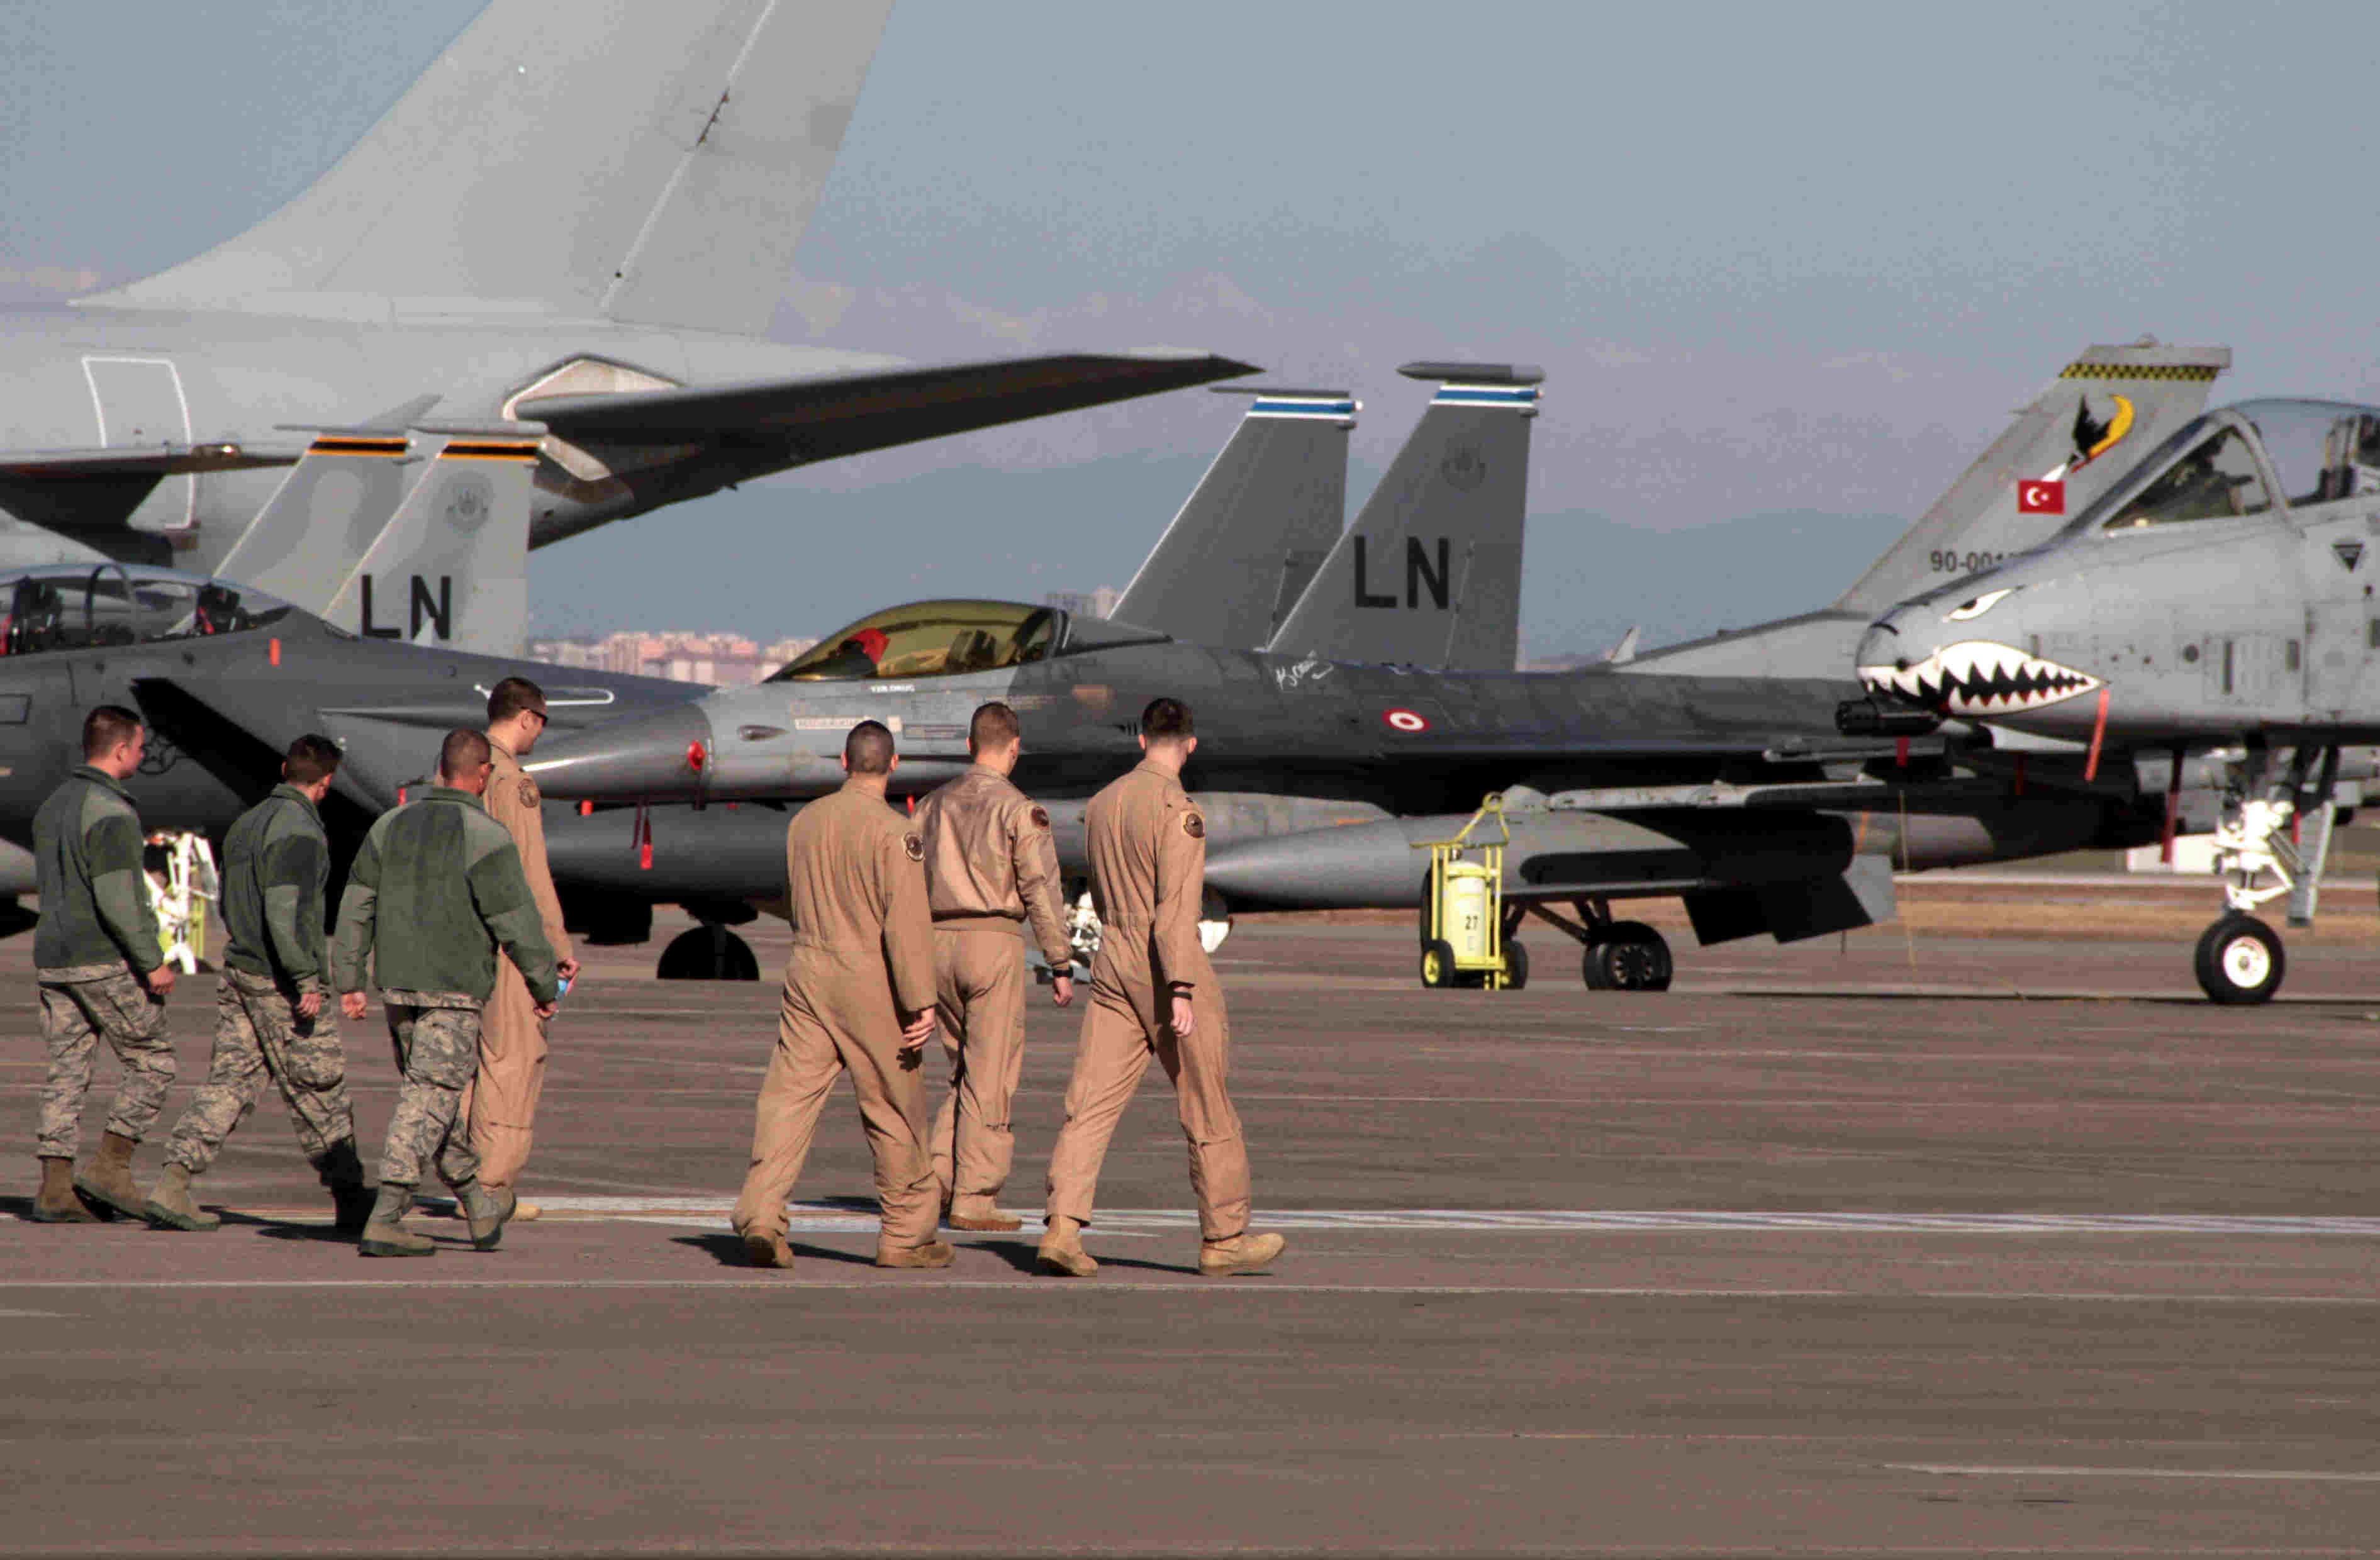 Зашатался краеугольный камень НАТО на южном рубеже – Инджирлик